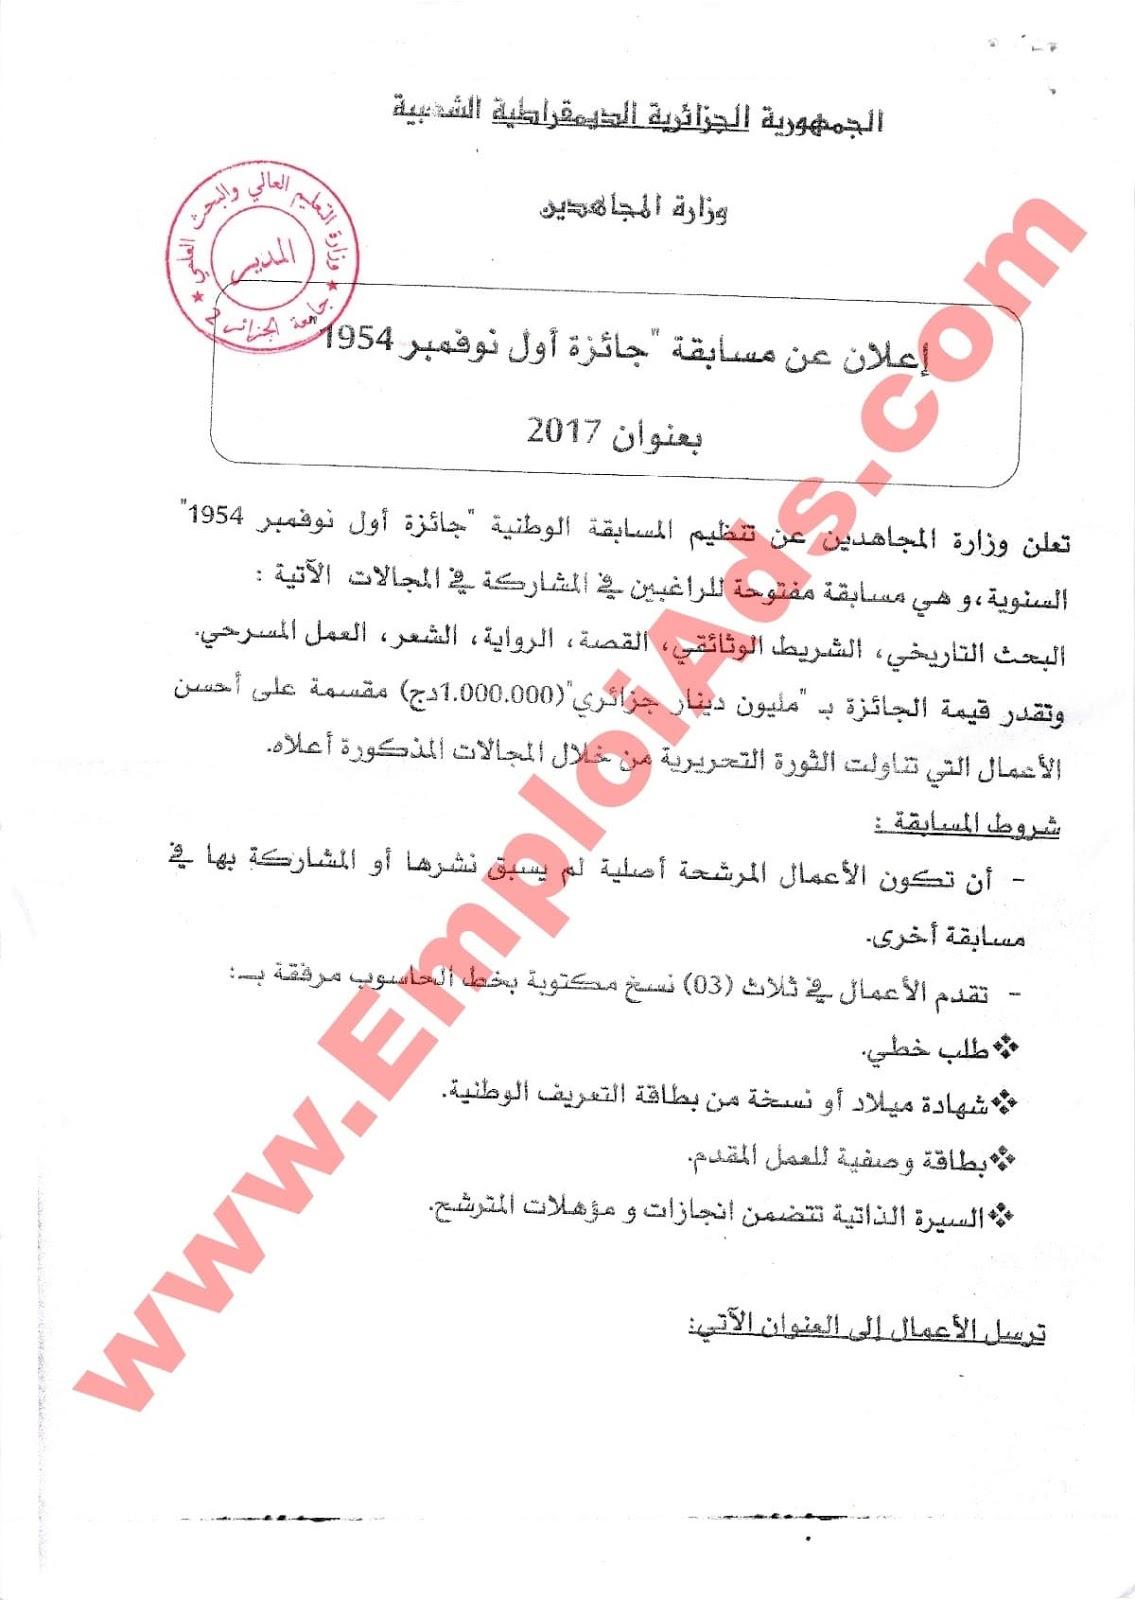 اعلان عن مسابقة جائزة اول نوفمبر 1995 بعنوان 2017